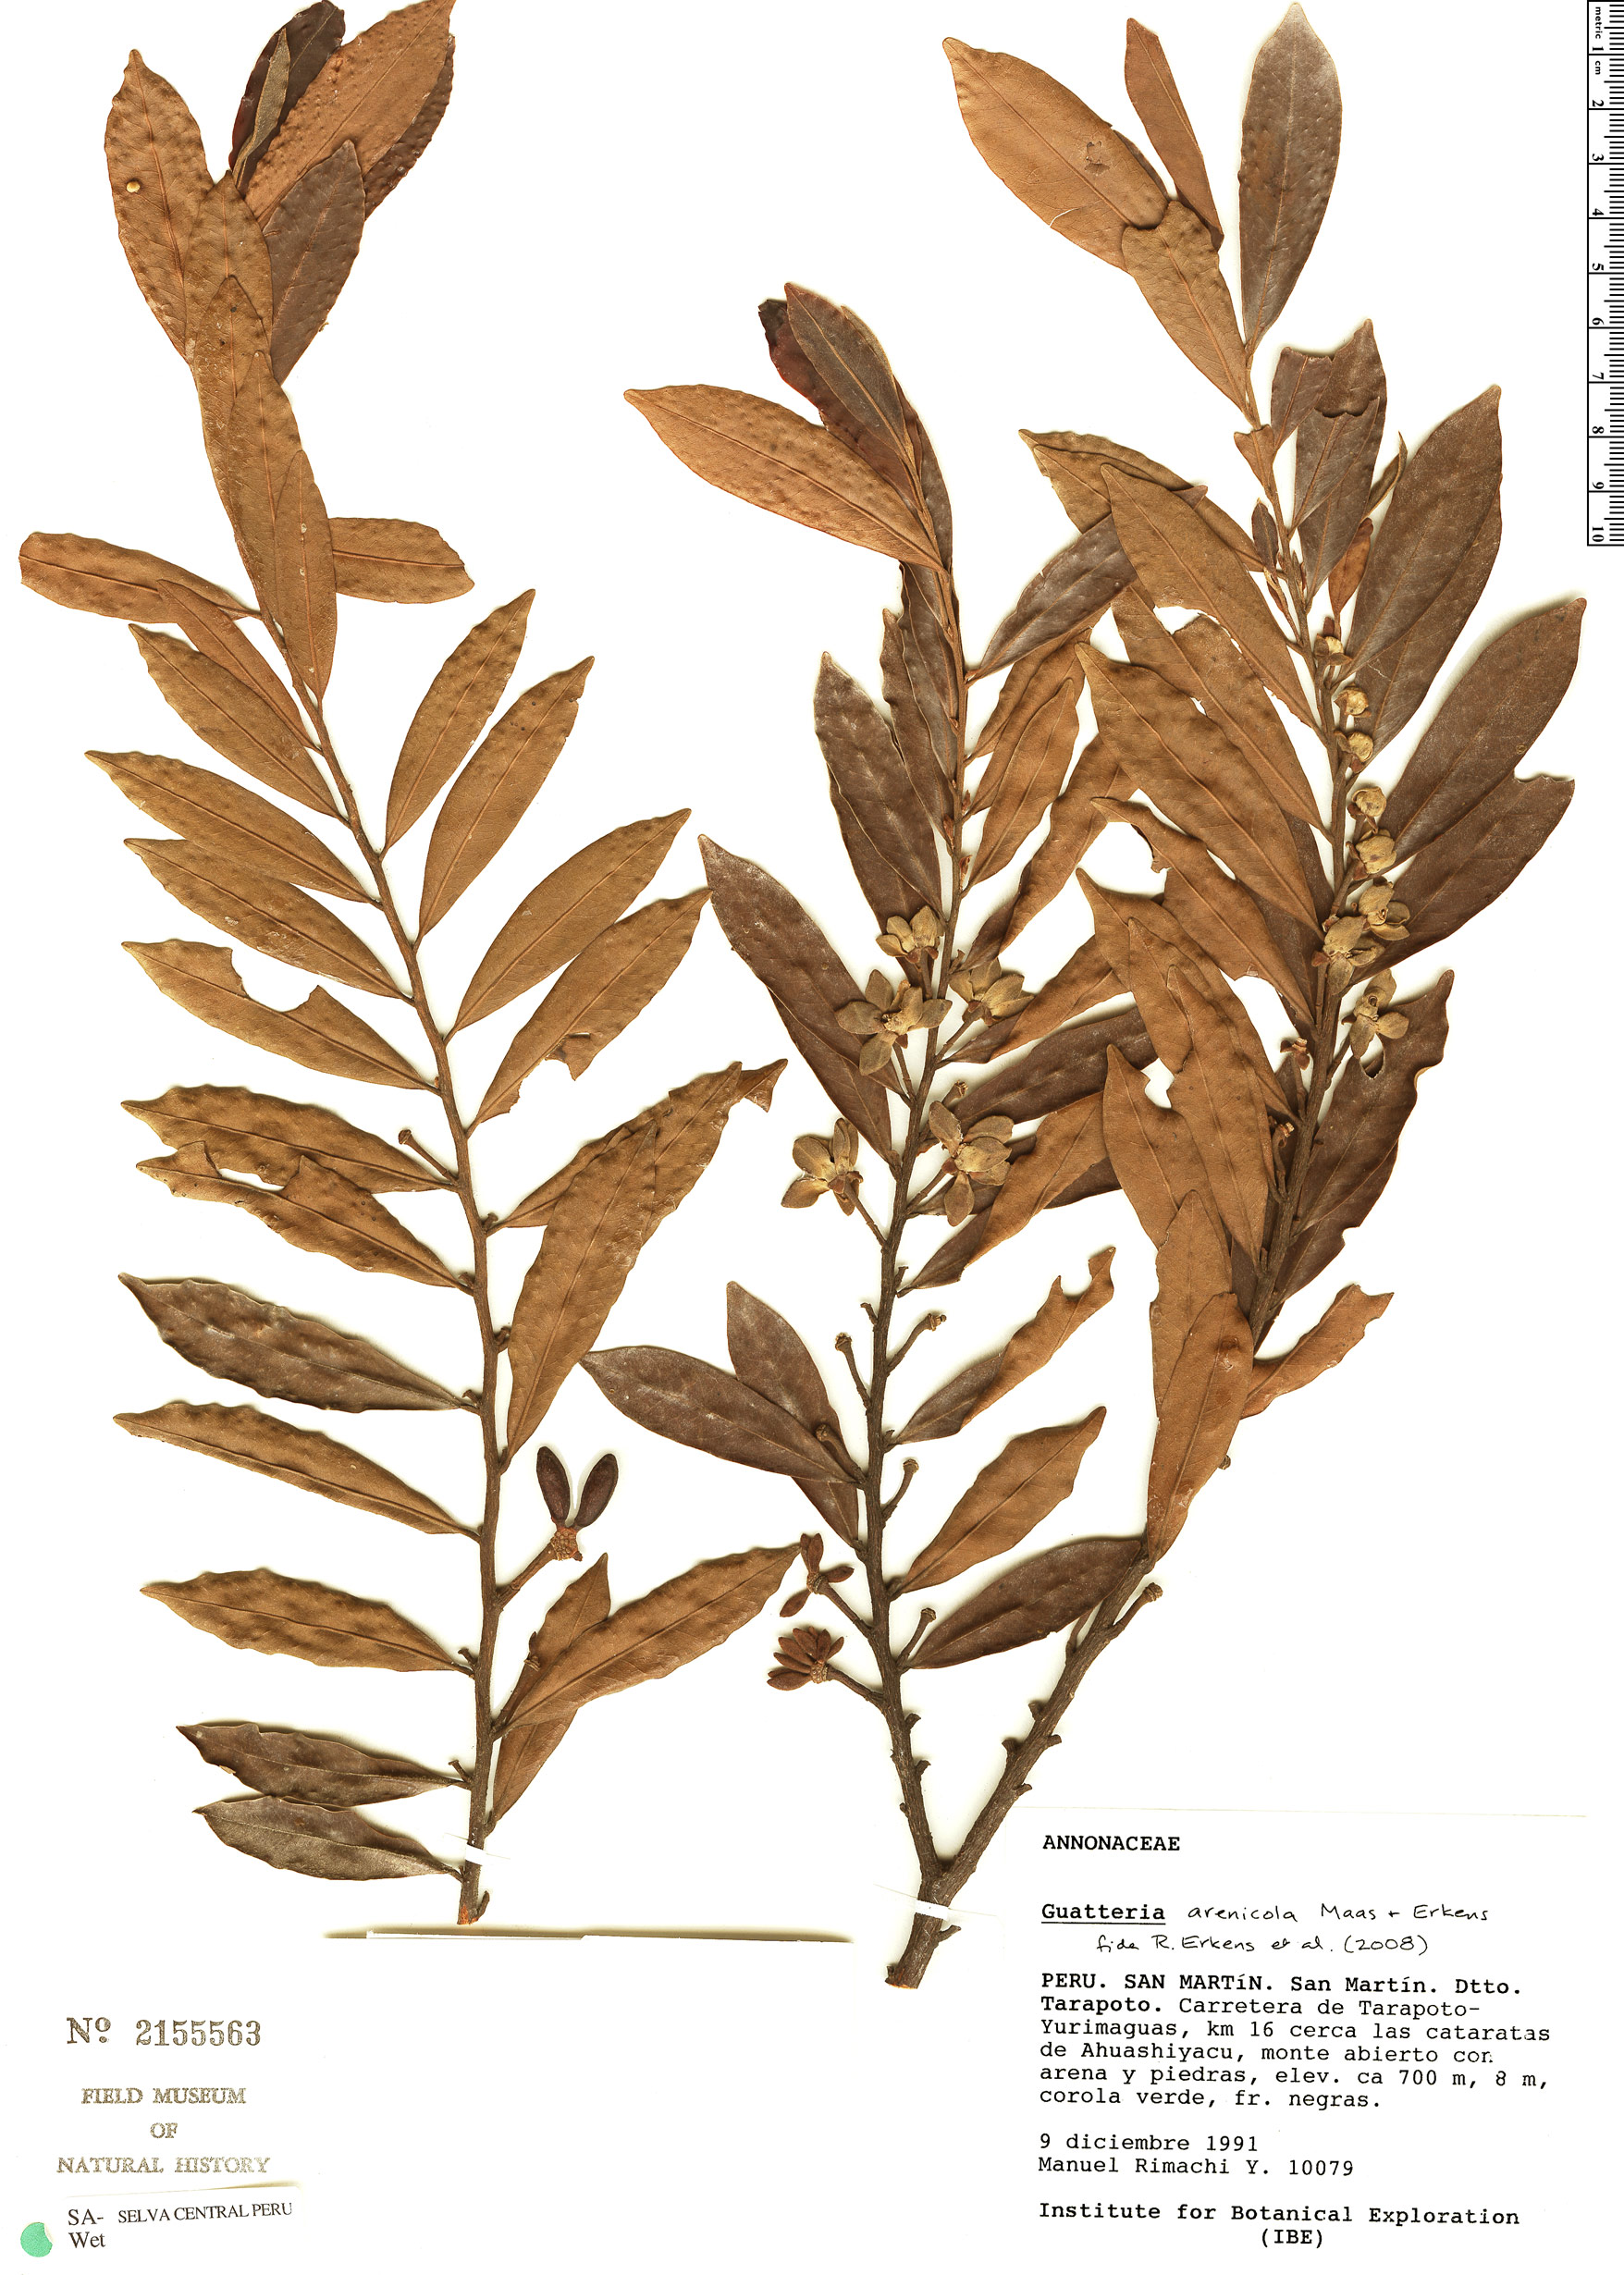 Specimen: Guatteria arenicola